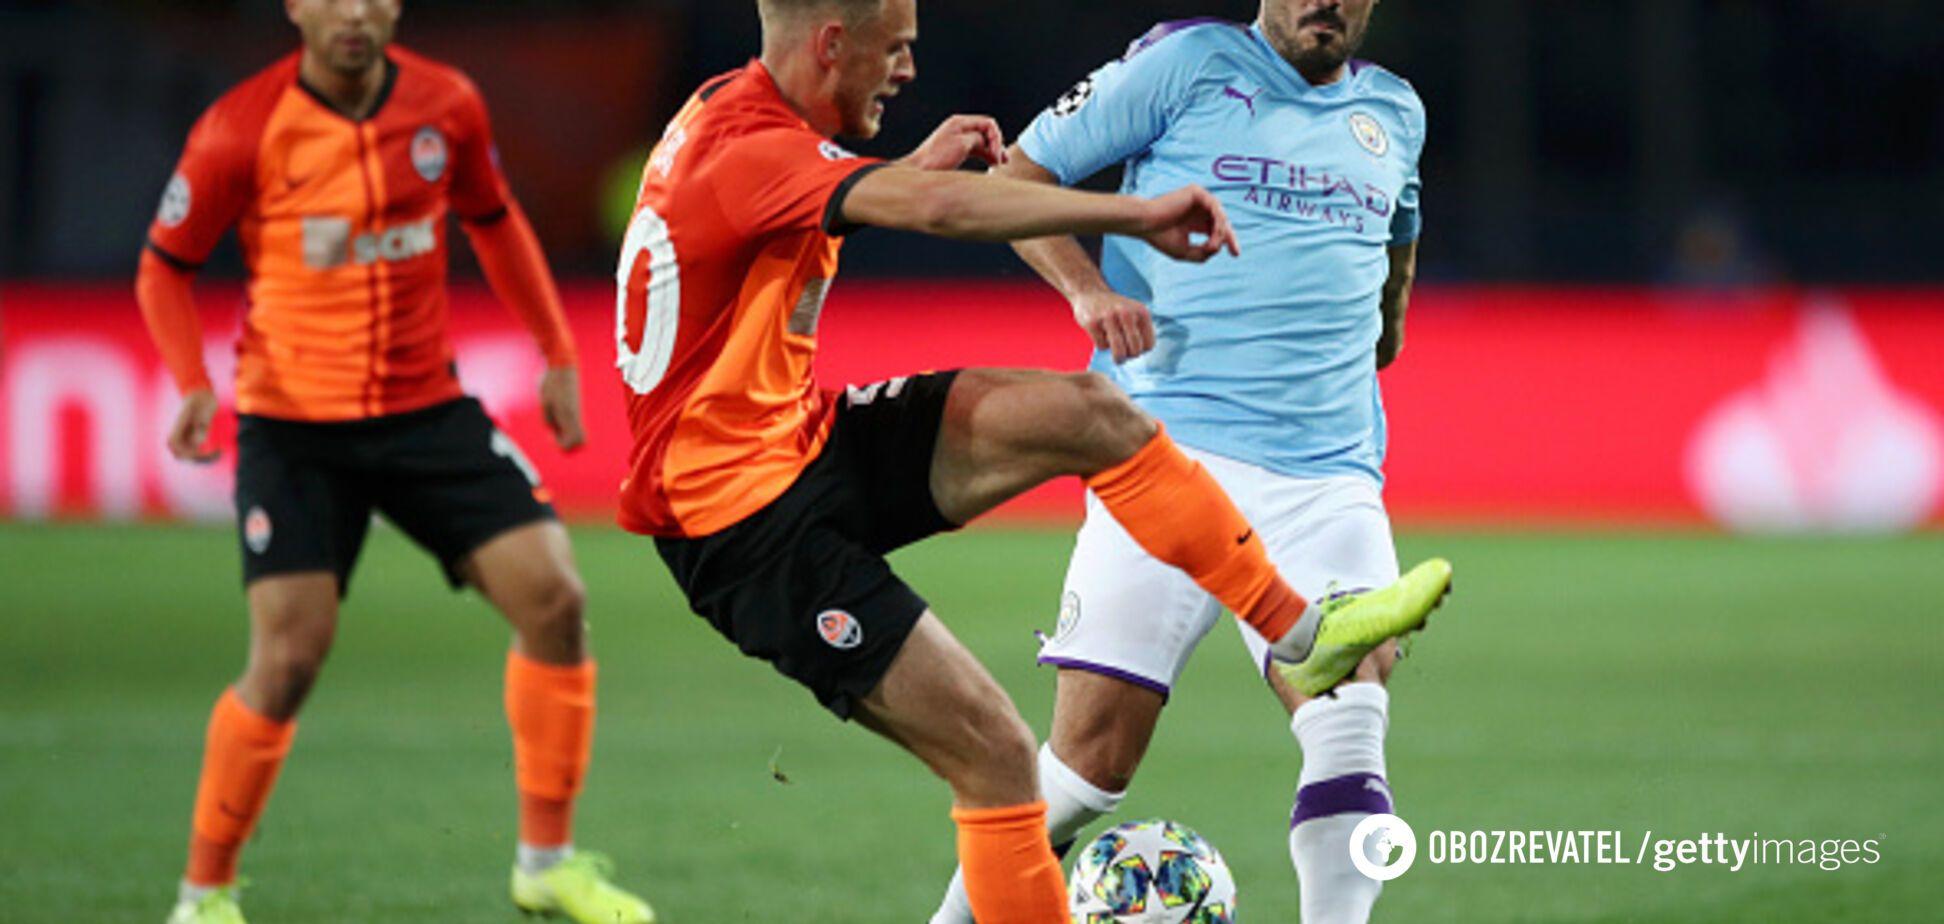 'Шахтер' разгромно проиграл 'Манчестер Сити' на старте Лиги чемпионов